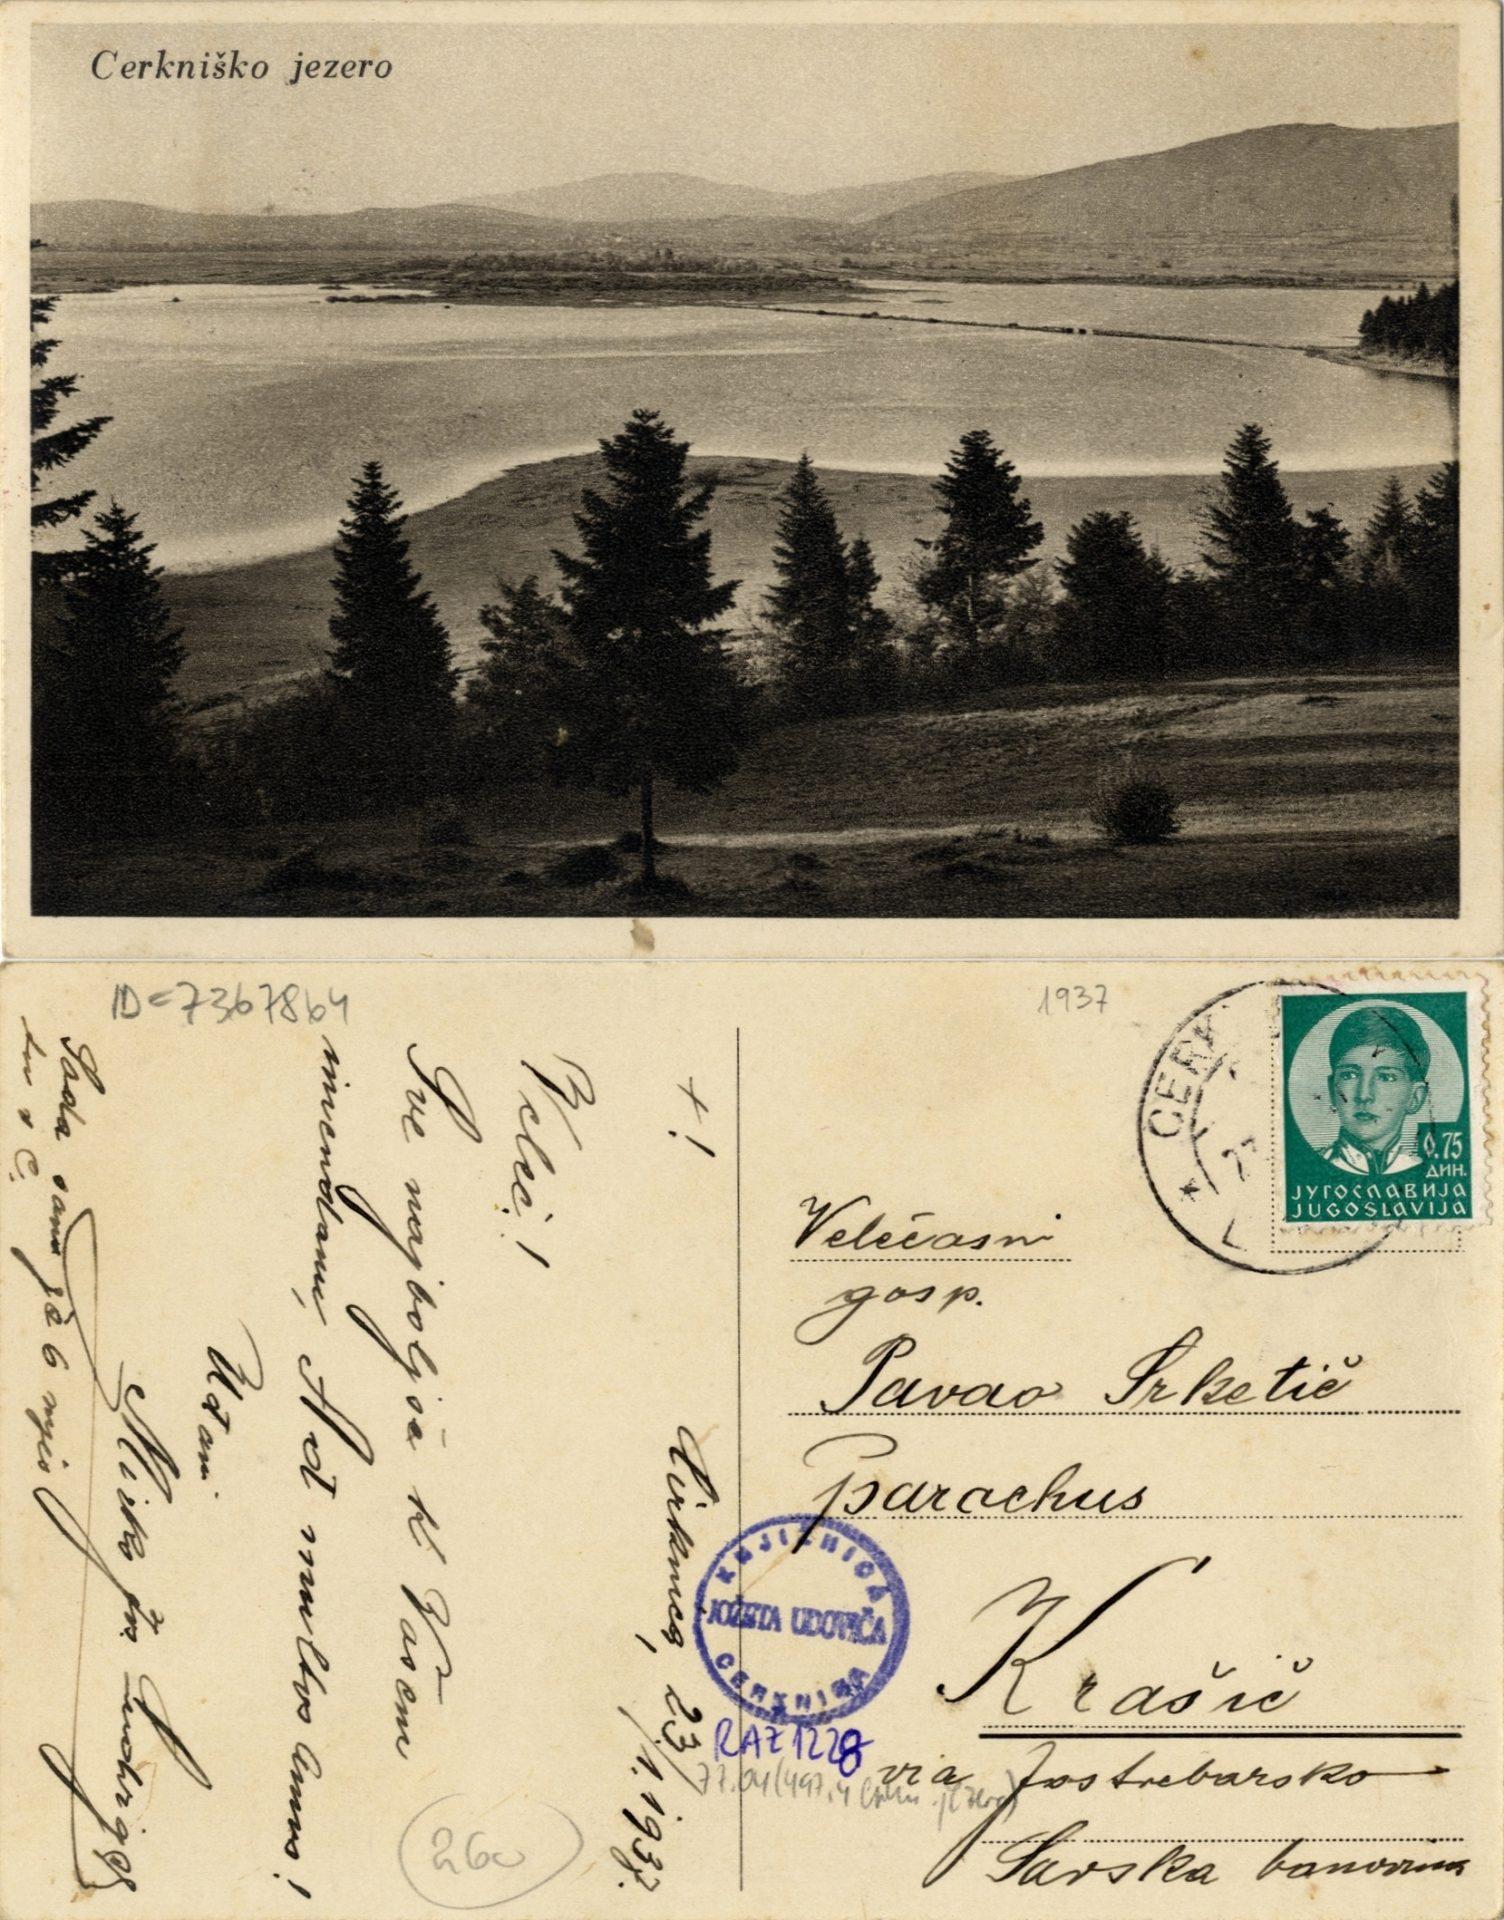 zlimano 20 - Cerkniško jezero